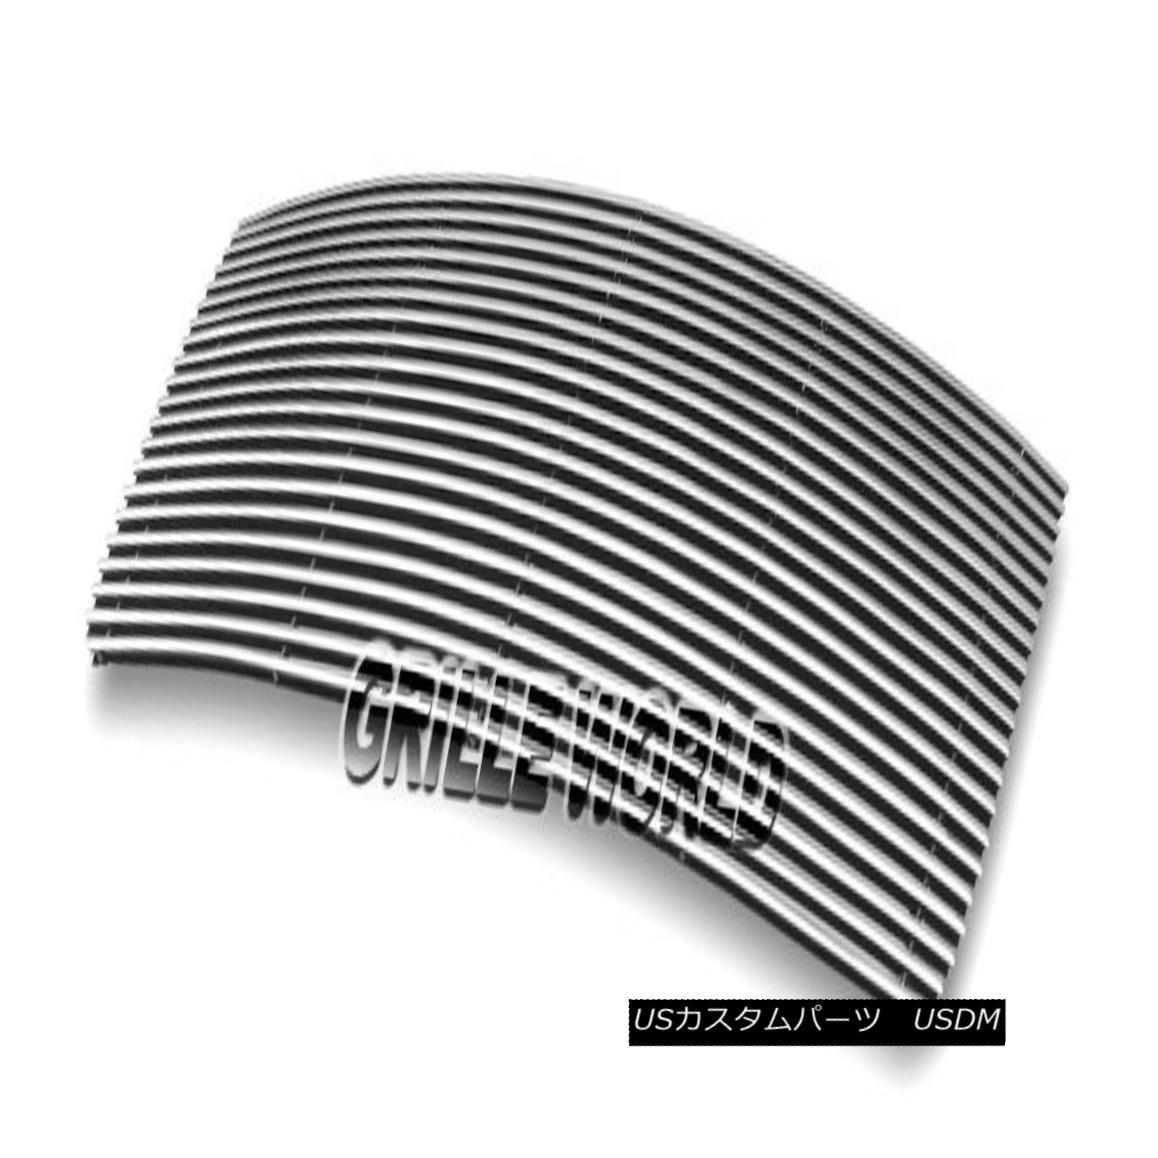 グリル Customized For 07-11 GMC Sierra 1500 Phat Billet Premium Grille Insert 07-11 GMC Sierra 1500ファットビレットプレミアムグリルインサート用にカスタマイズ